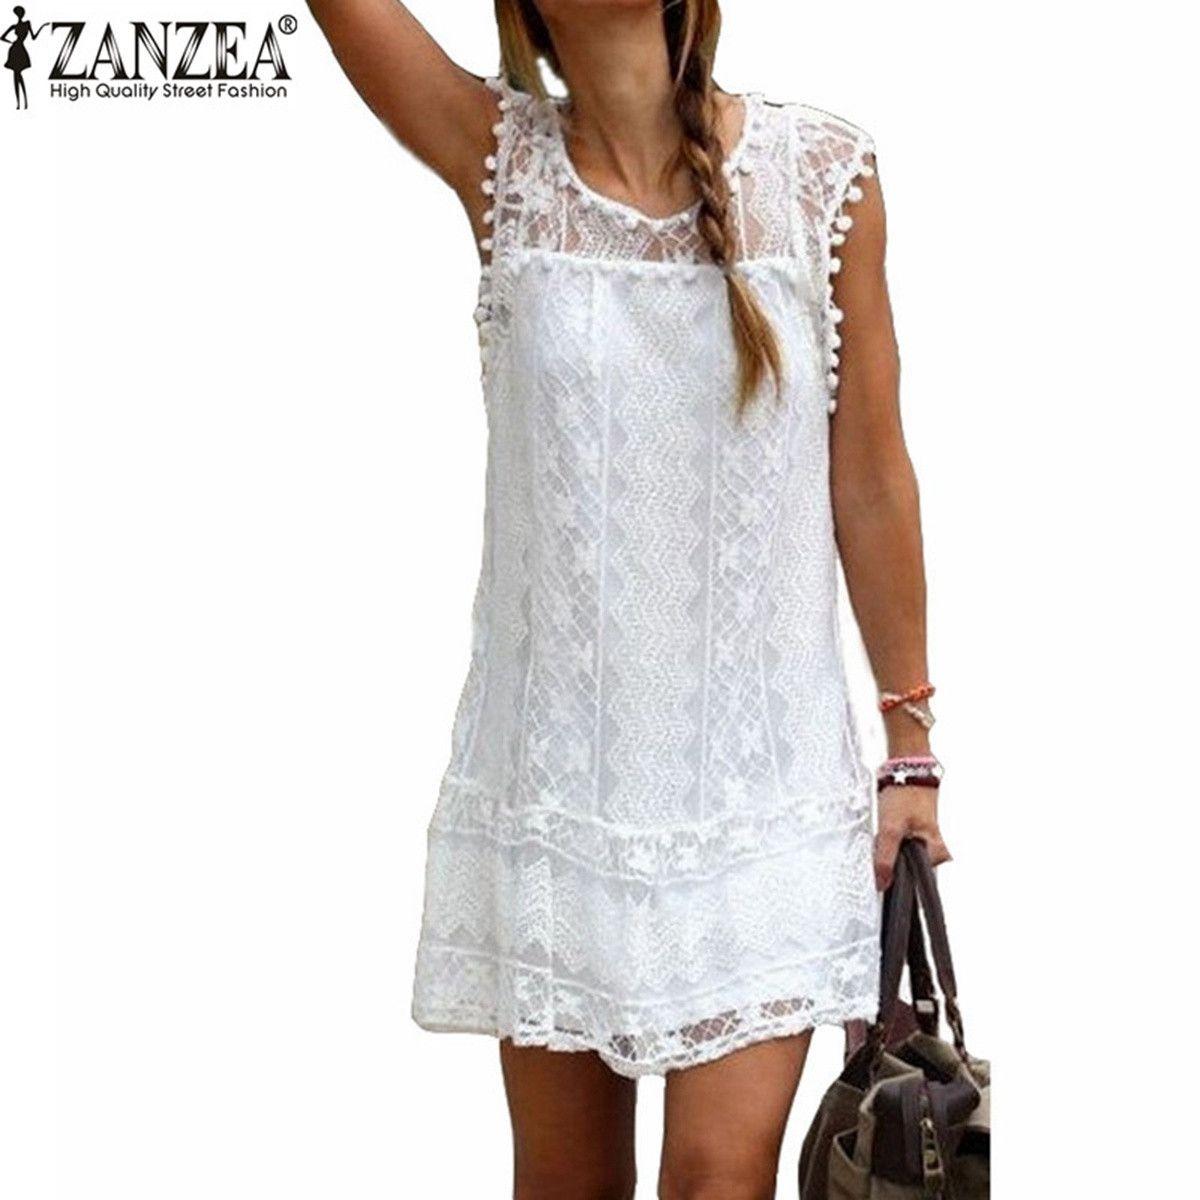 Zanzea vestidos 2017 verano de las mujeres elegantes casual sólido de manga corta delgado encaje mini dress tops sexy ladies white dress plus tamaño